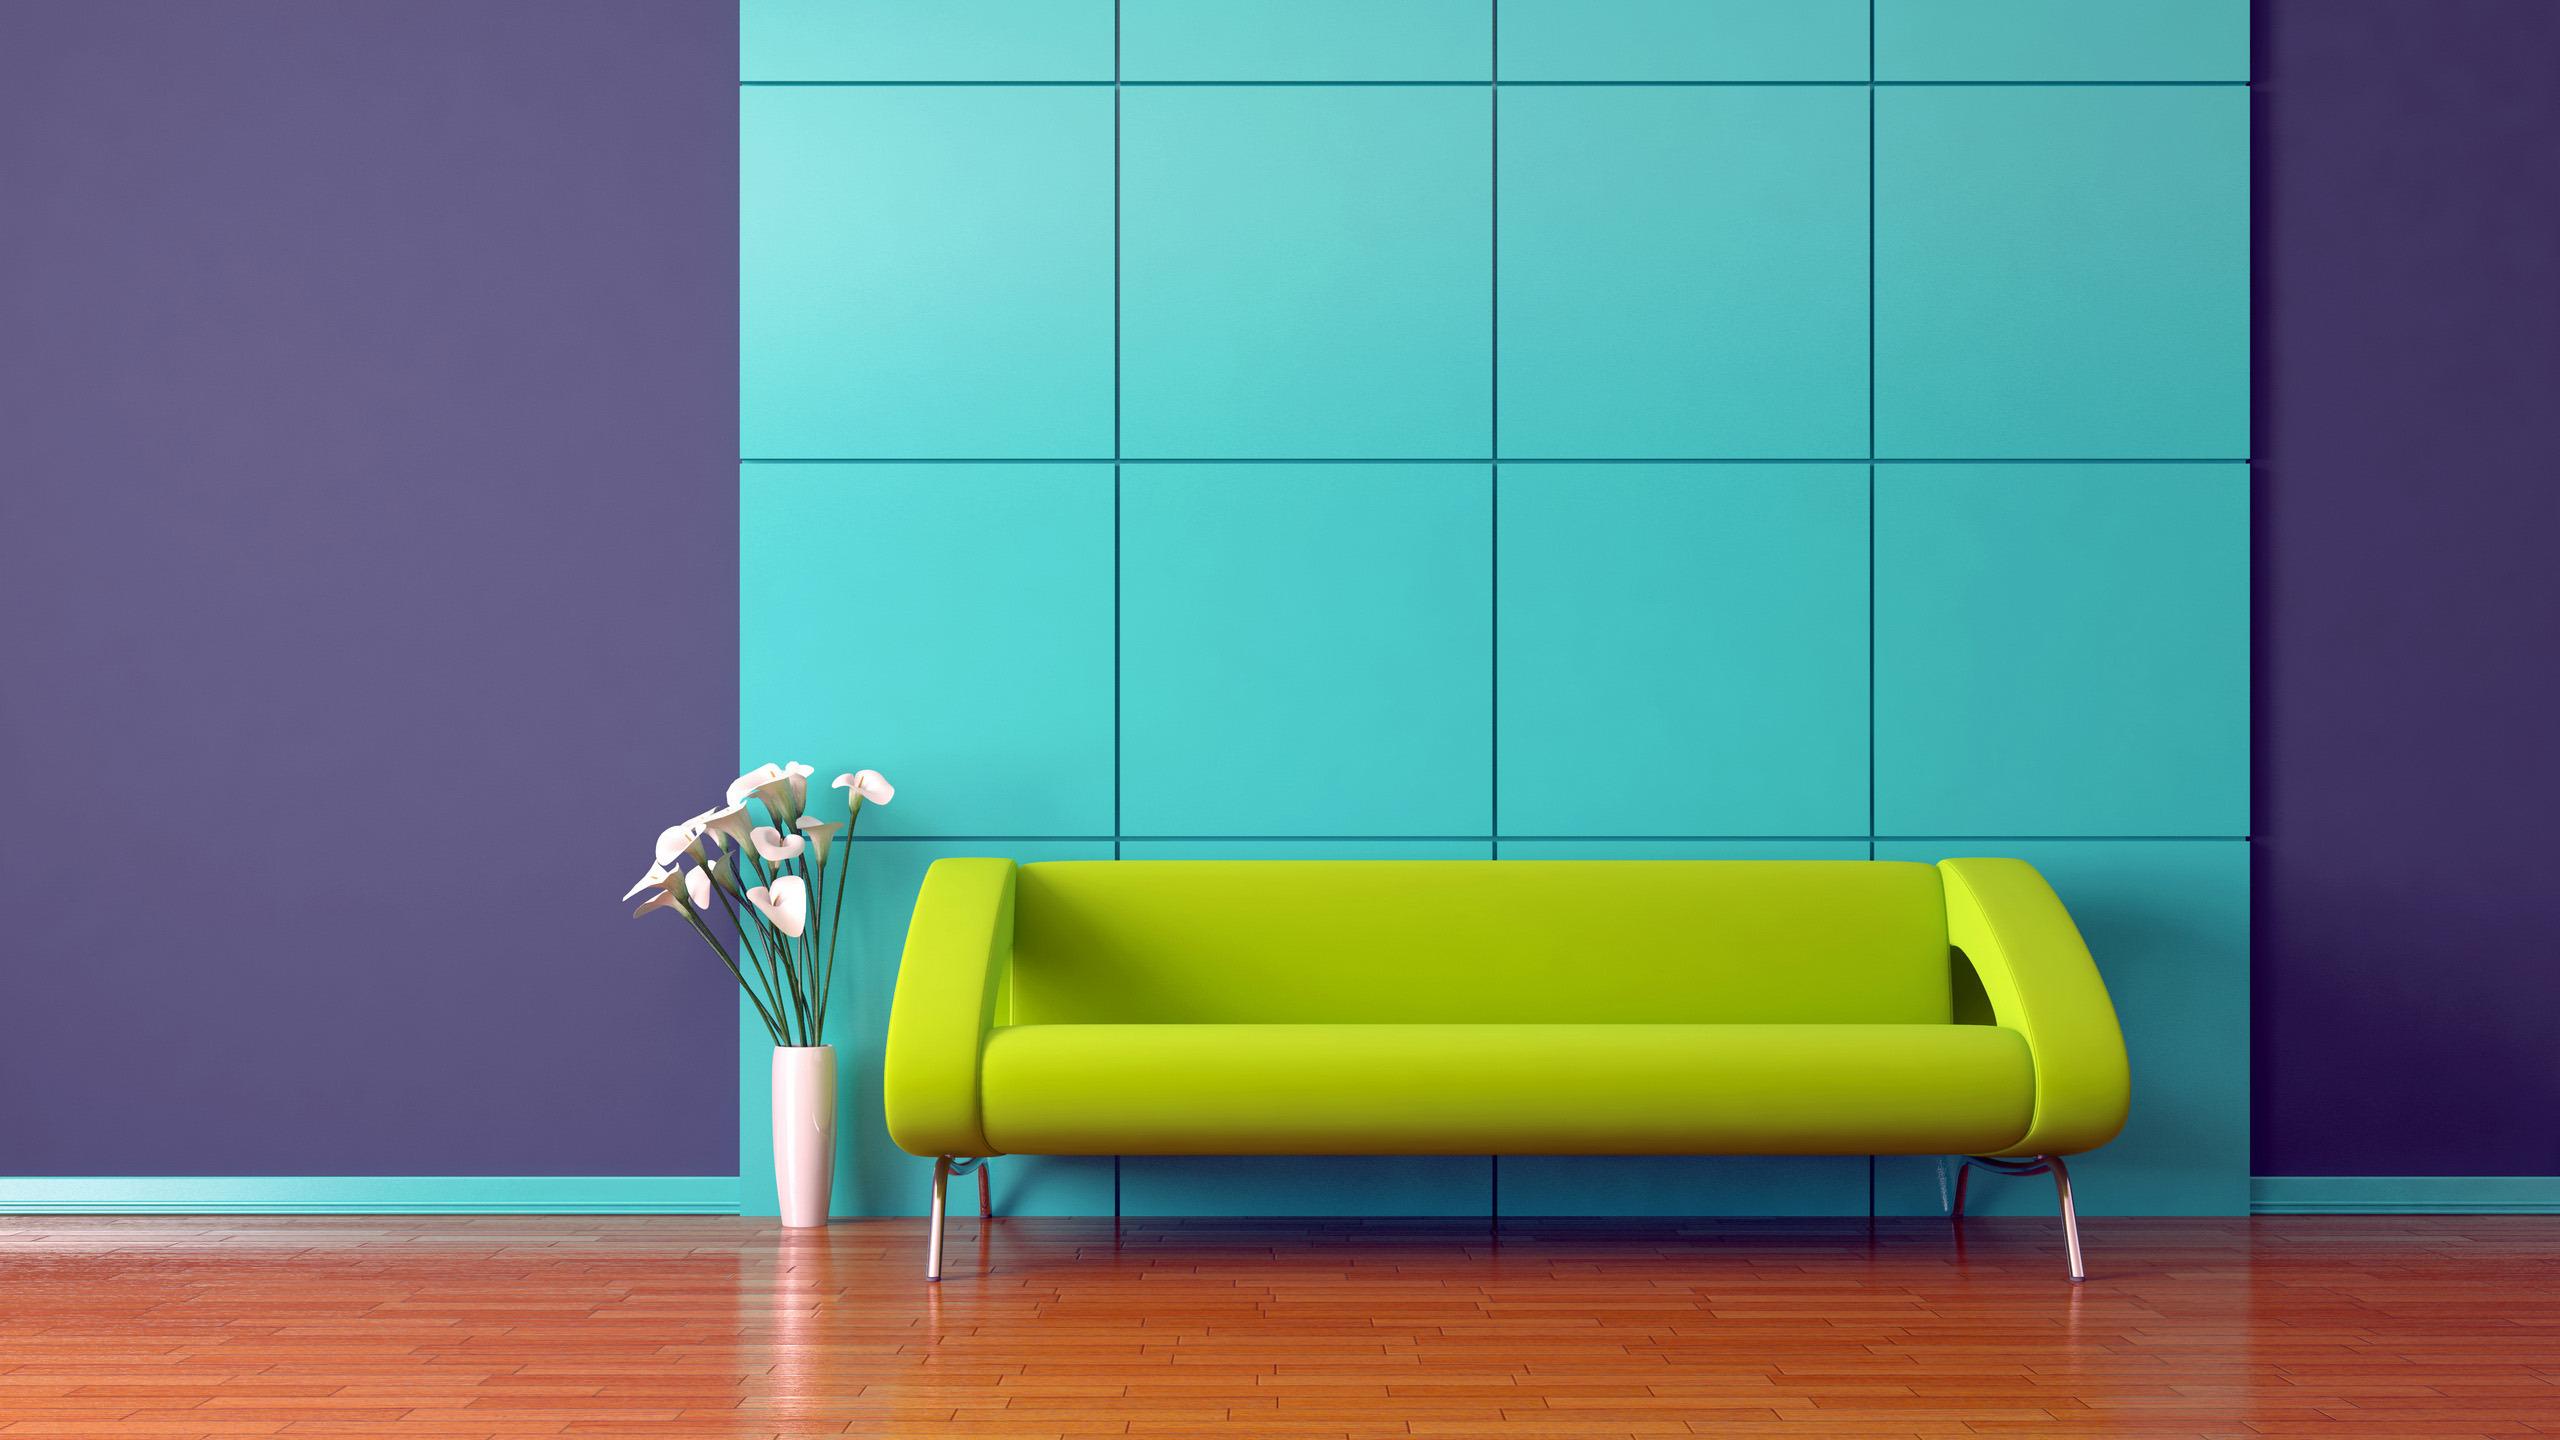 Картинки с диванами для сайтов в высоком разрешении